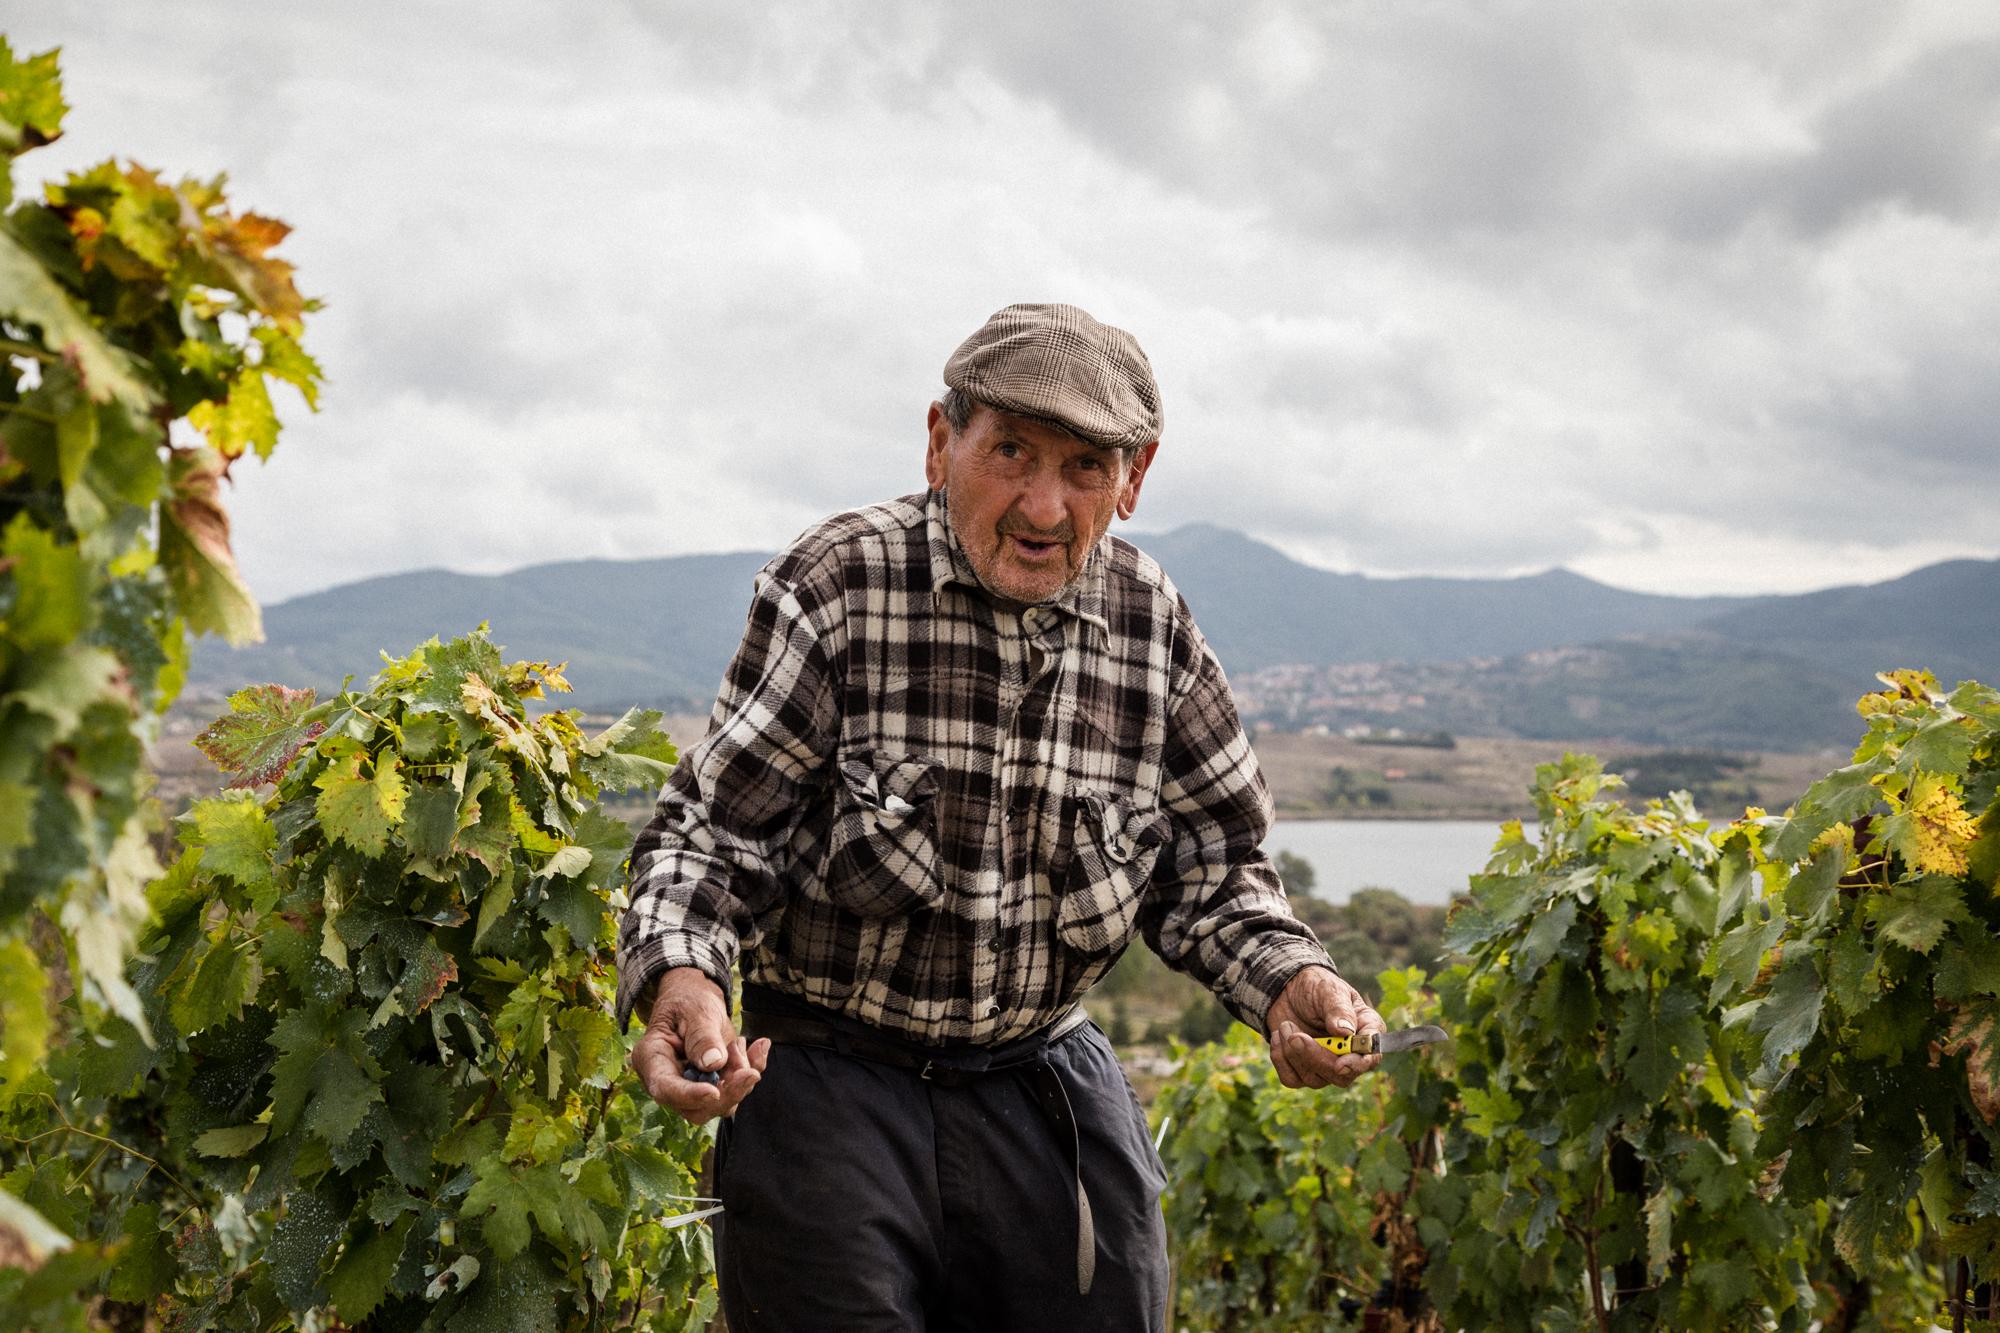 Un anziano signore della zona. Ogni anno coltiva i propri vigneti per produrre uva per se e la sua famiglia. Tito (Zona Industriale), Ottobre 2015